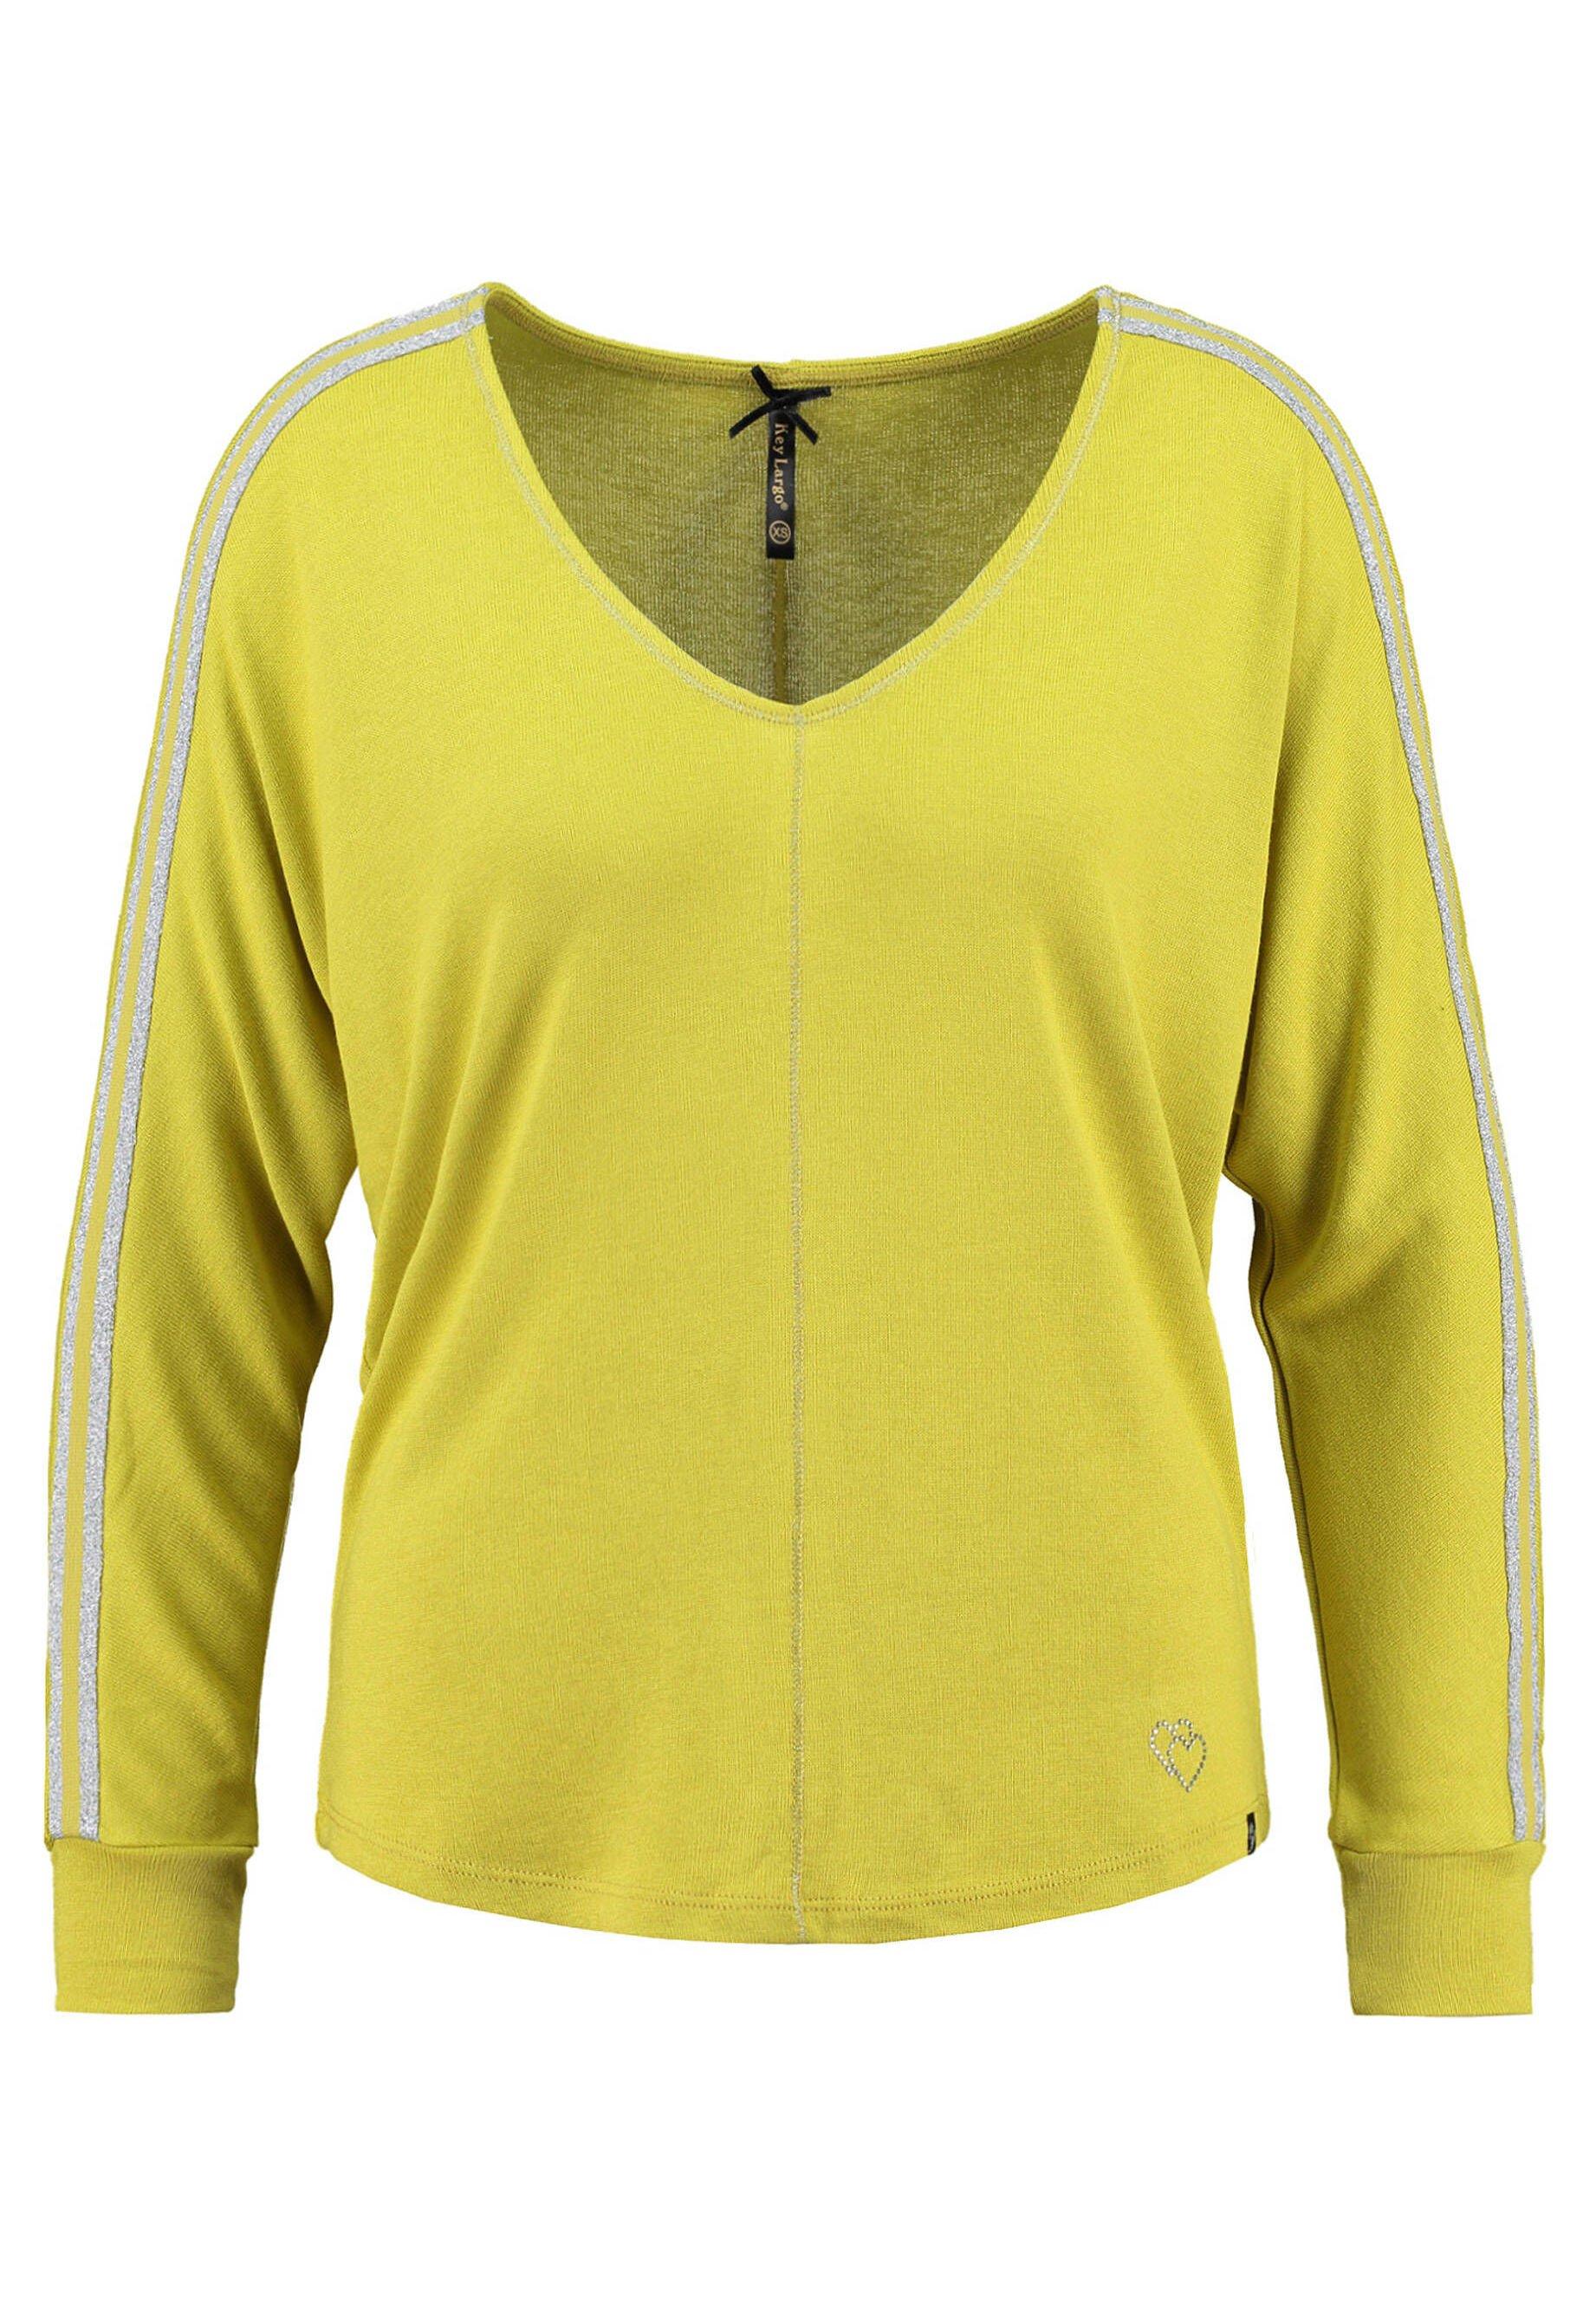 Damen Langarmshirt - gelb